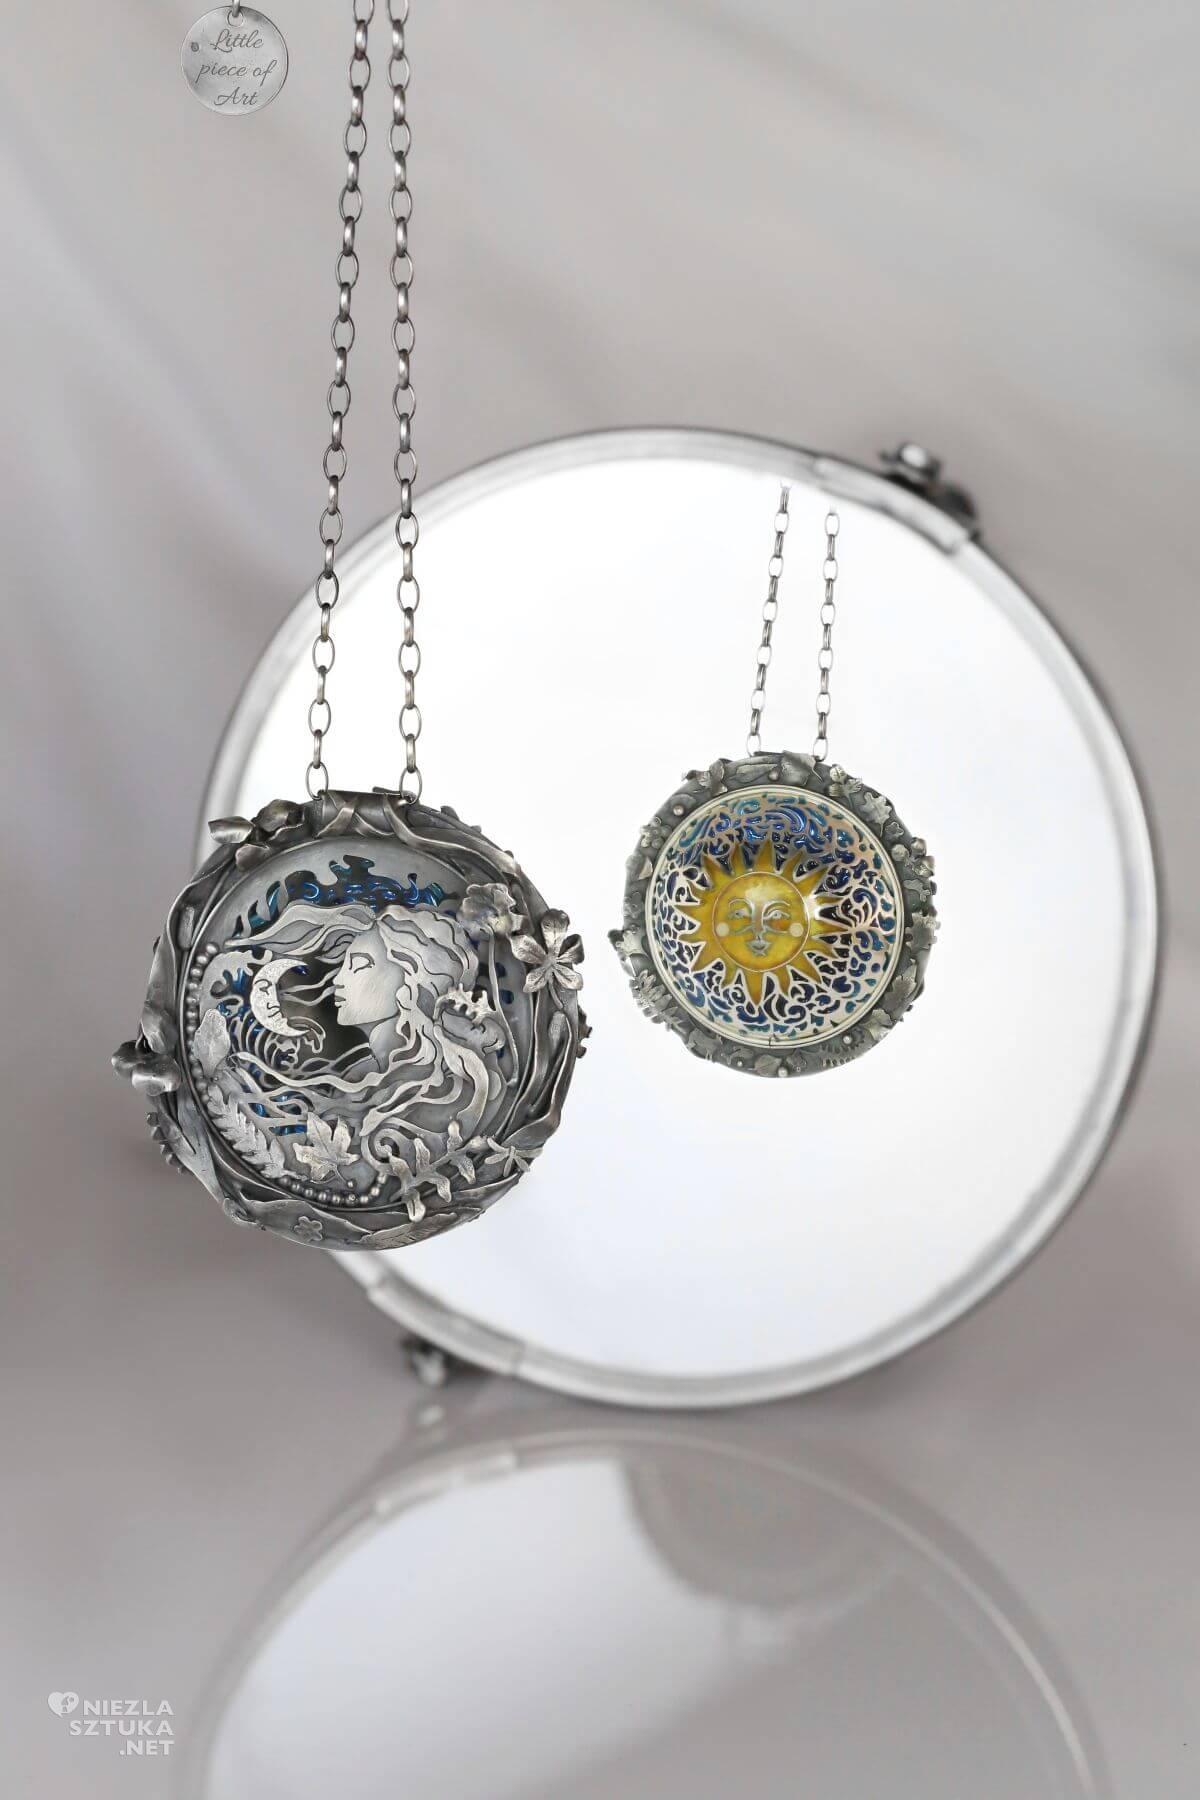 Sztuk Kilka – Art Jewelry by Marta Norenberg, biżuteria artystyczna, aukcja, Niezła sztuka